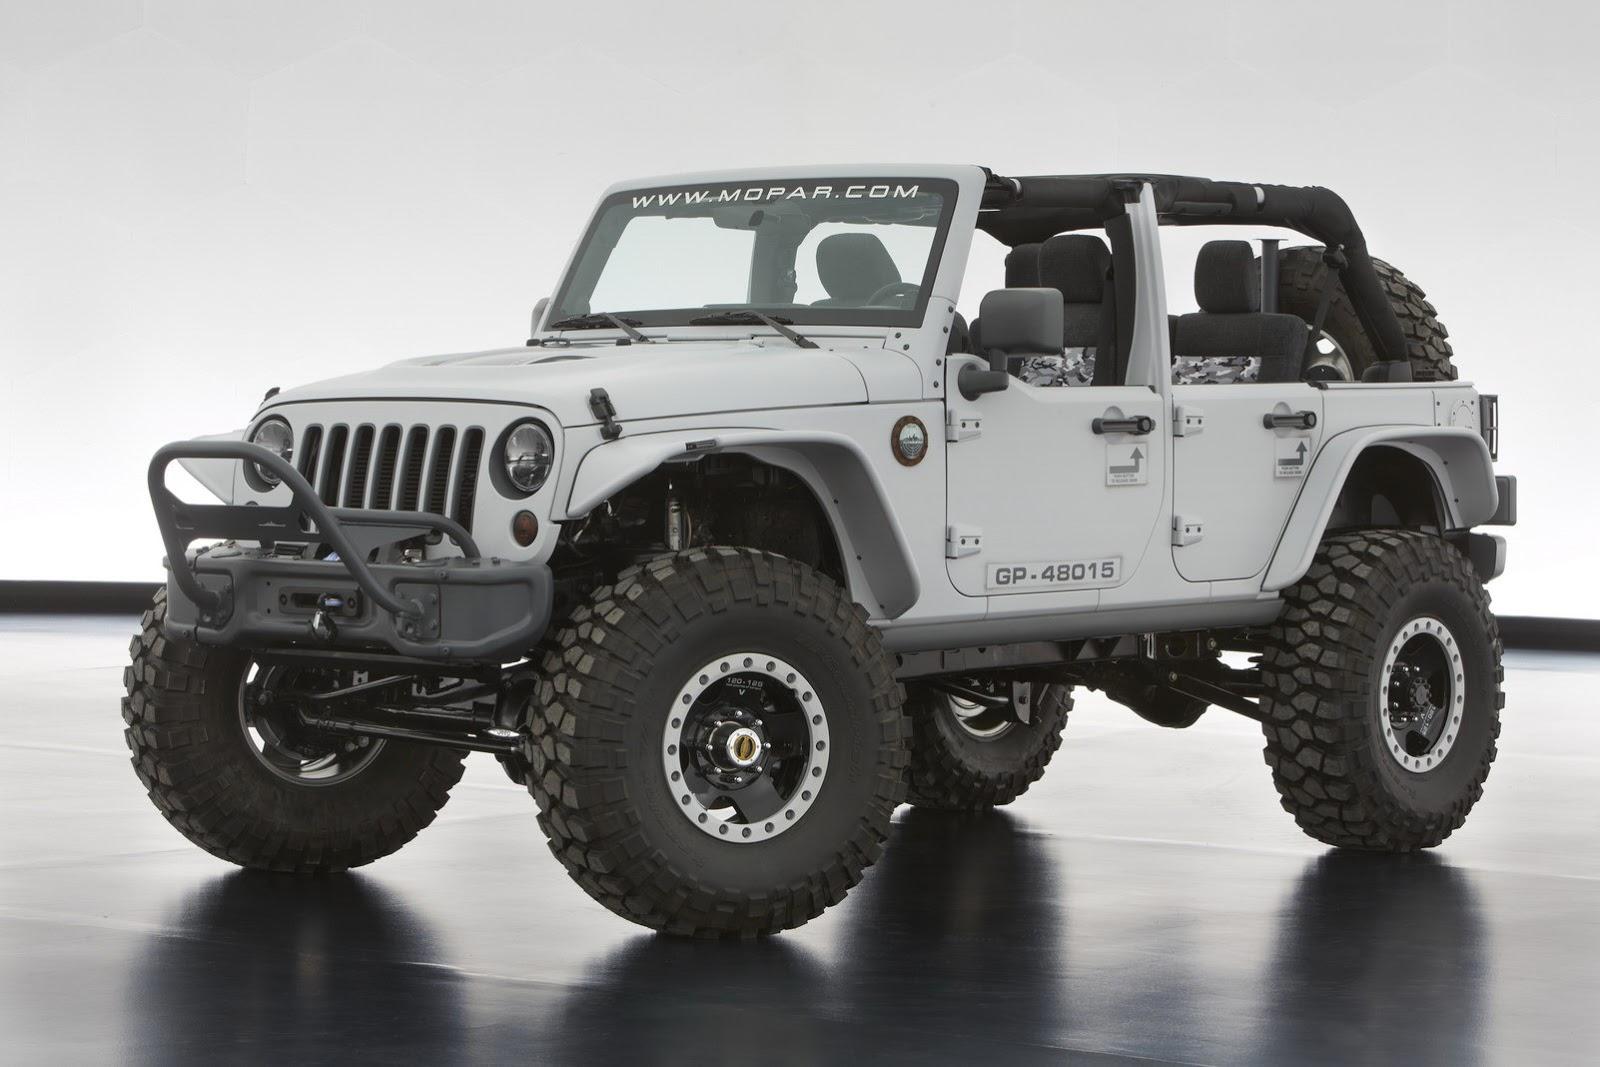 The Jeep Wrangler Mopar Recon features a gray exterior and a little